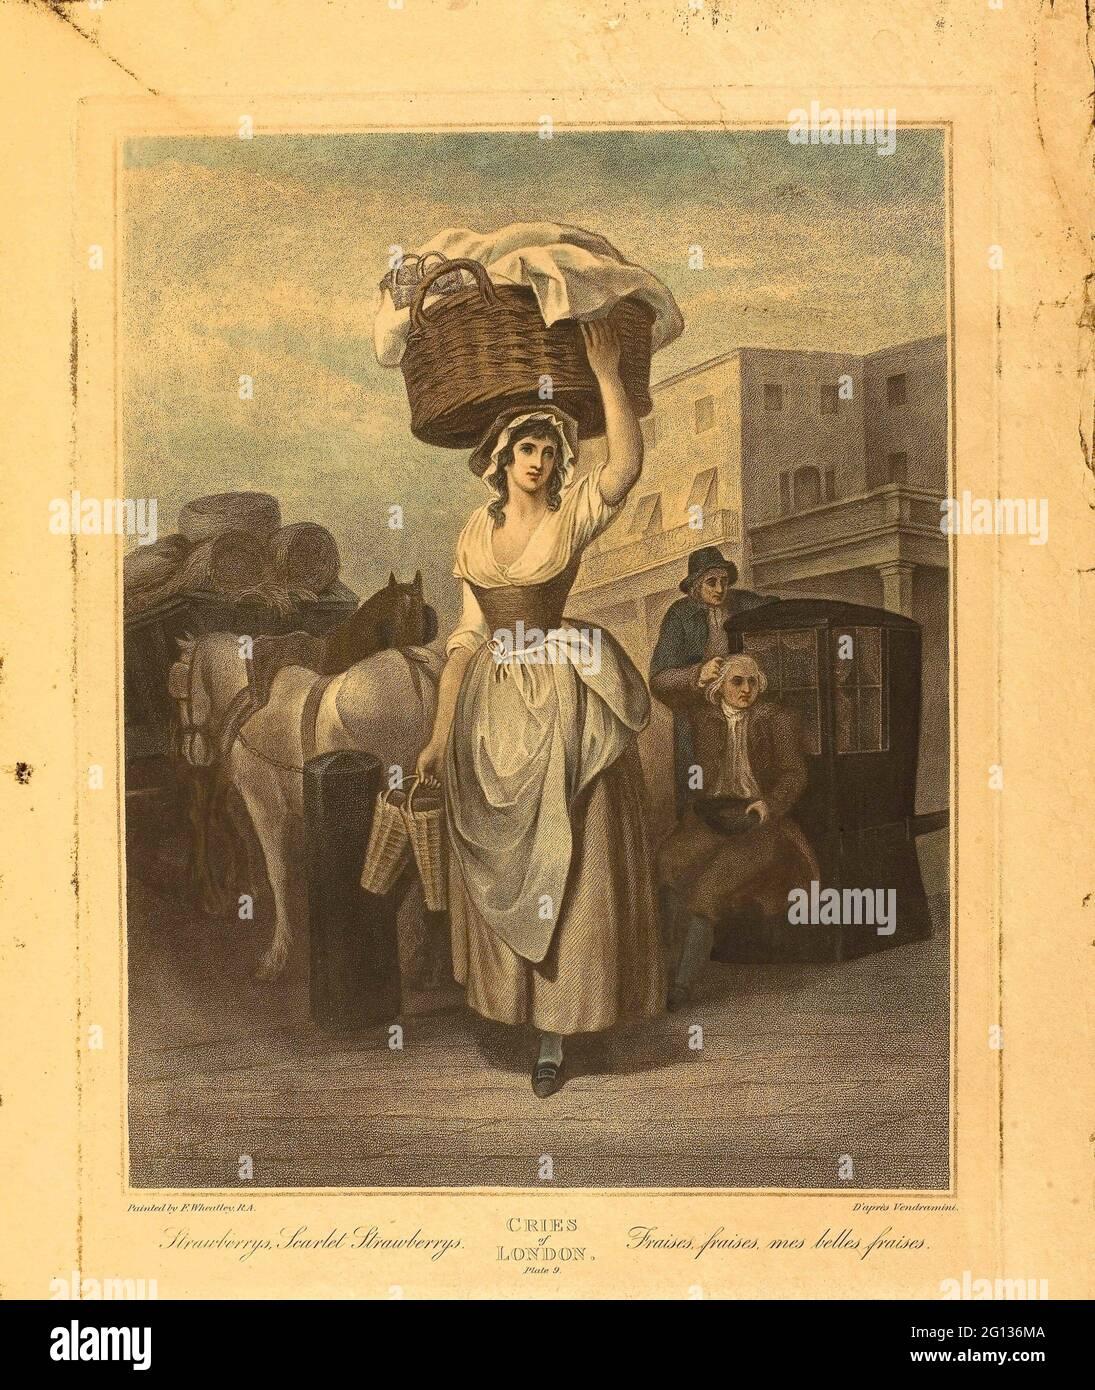 Autore: Francis Wheatley. Fragole, fragole scarlatto, piatto 9 dalle grida di Londra - 1799 - dopo Francis Wheatley inglese, 1747-1801. Foto Stock